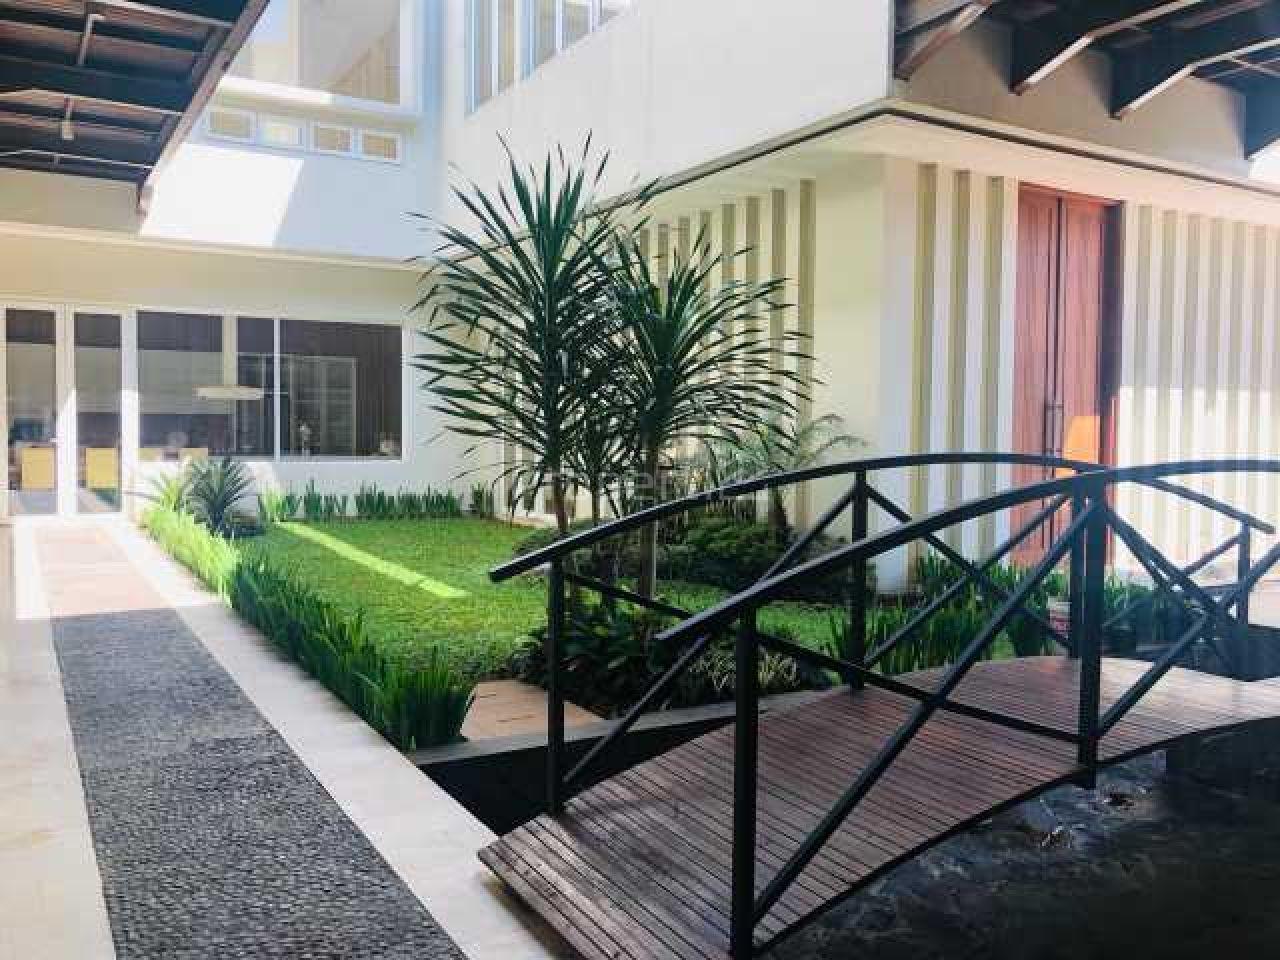 Rumah Mewah 2,5 Lantai Semi Furnished di Batununggal, Jawa Barat